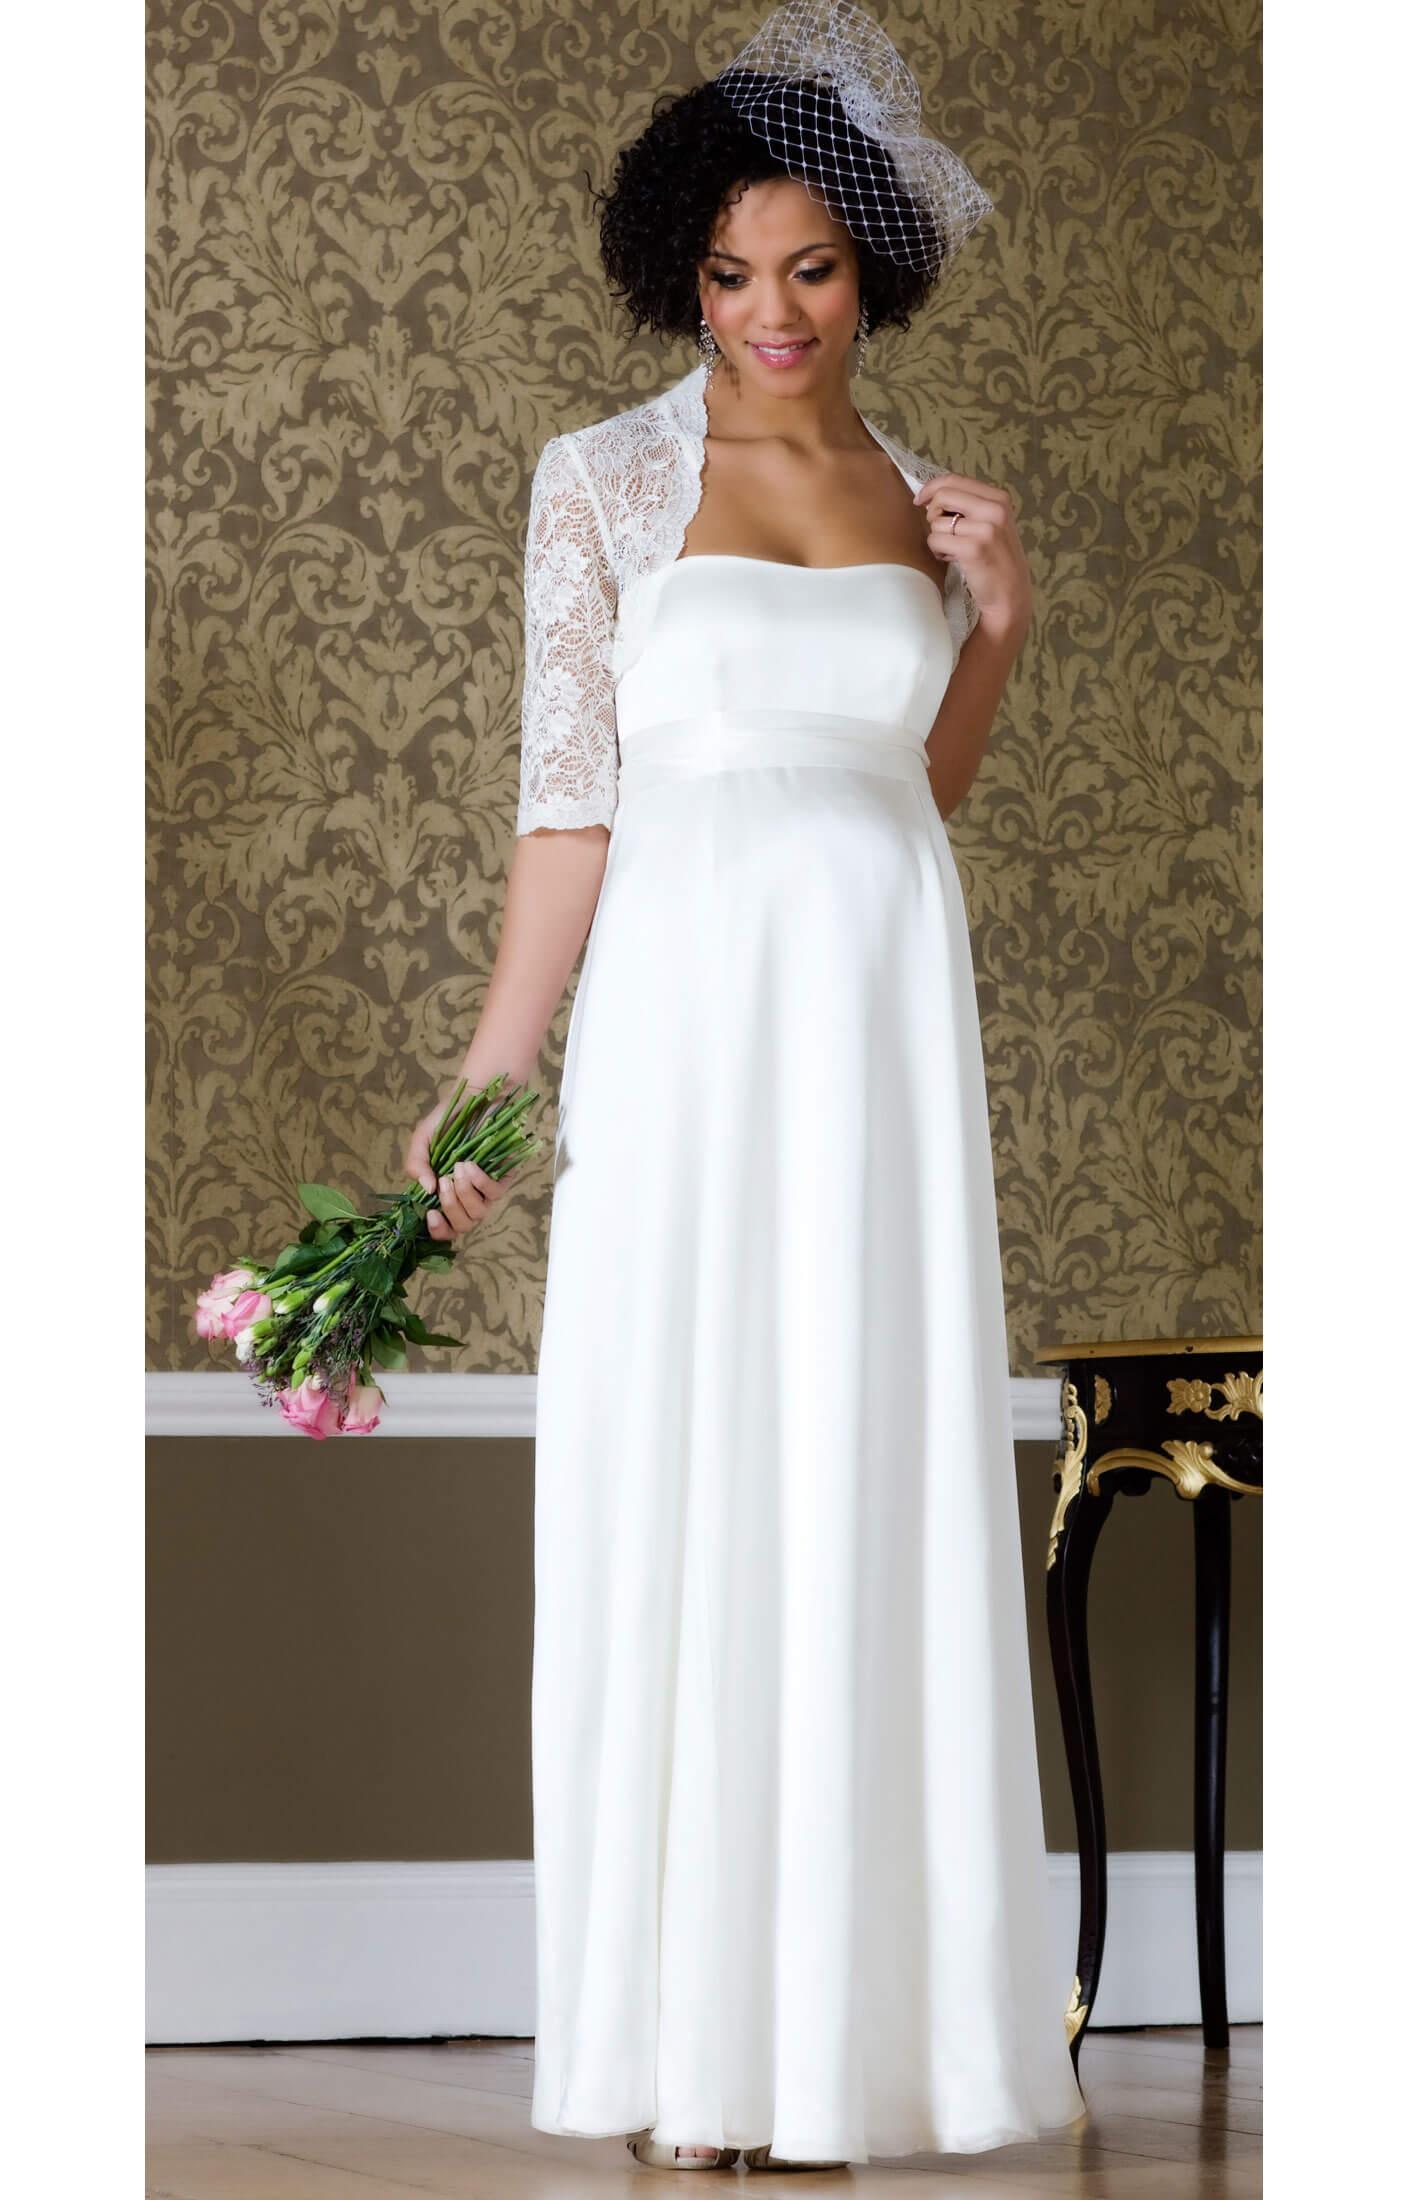 Ella Maternity Wedding Gown Long